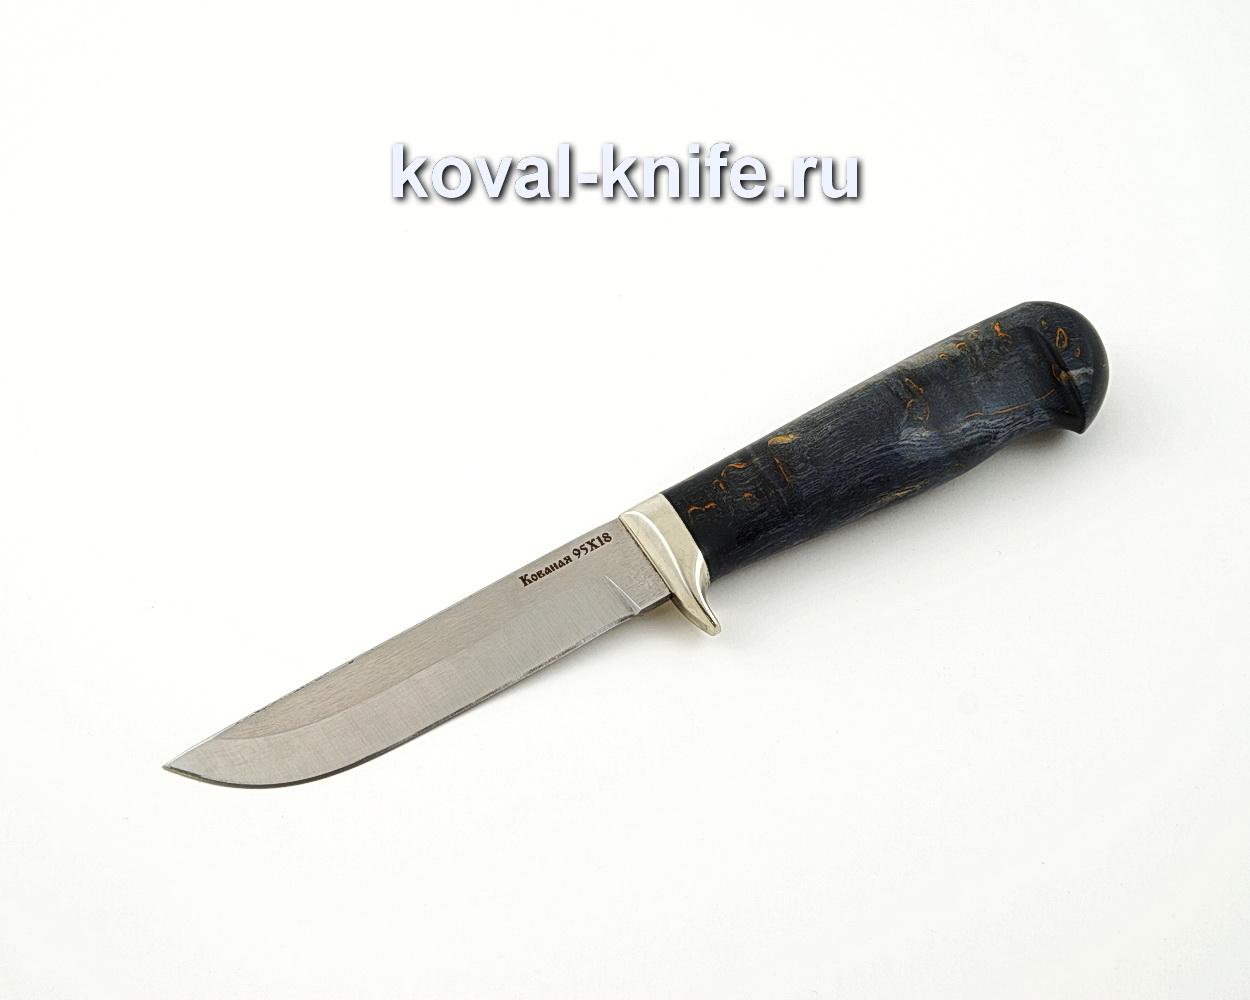 Нож Белка из кованой стали 95Х18 с рукоятью из стабилизированной карельской березы, гарда мельхиор A564